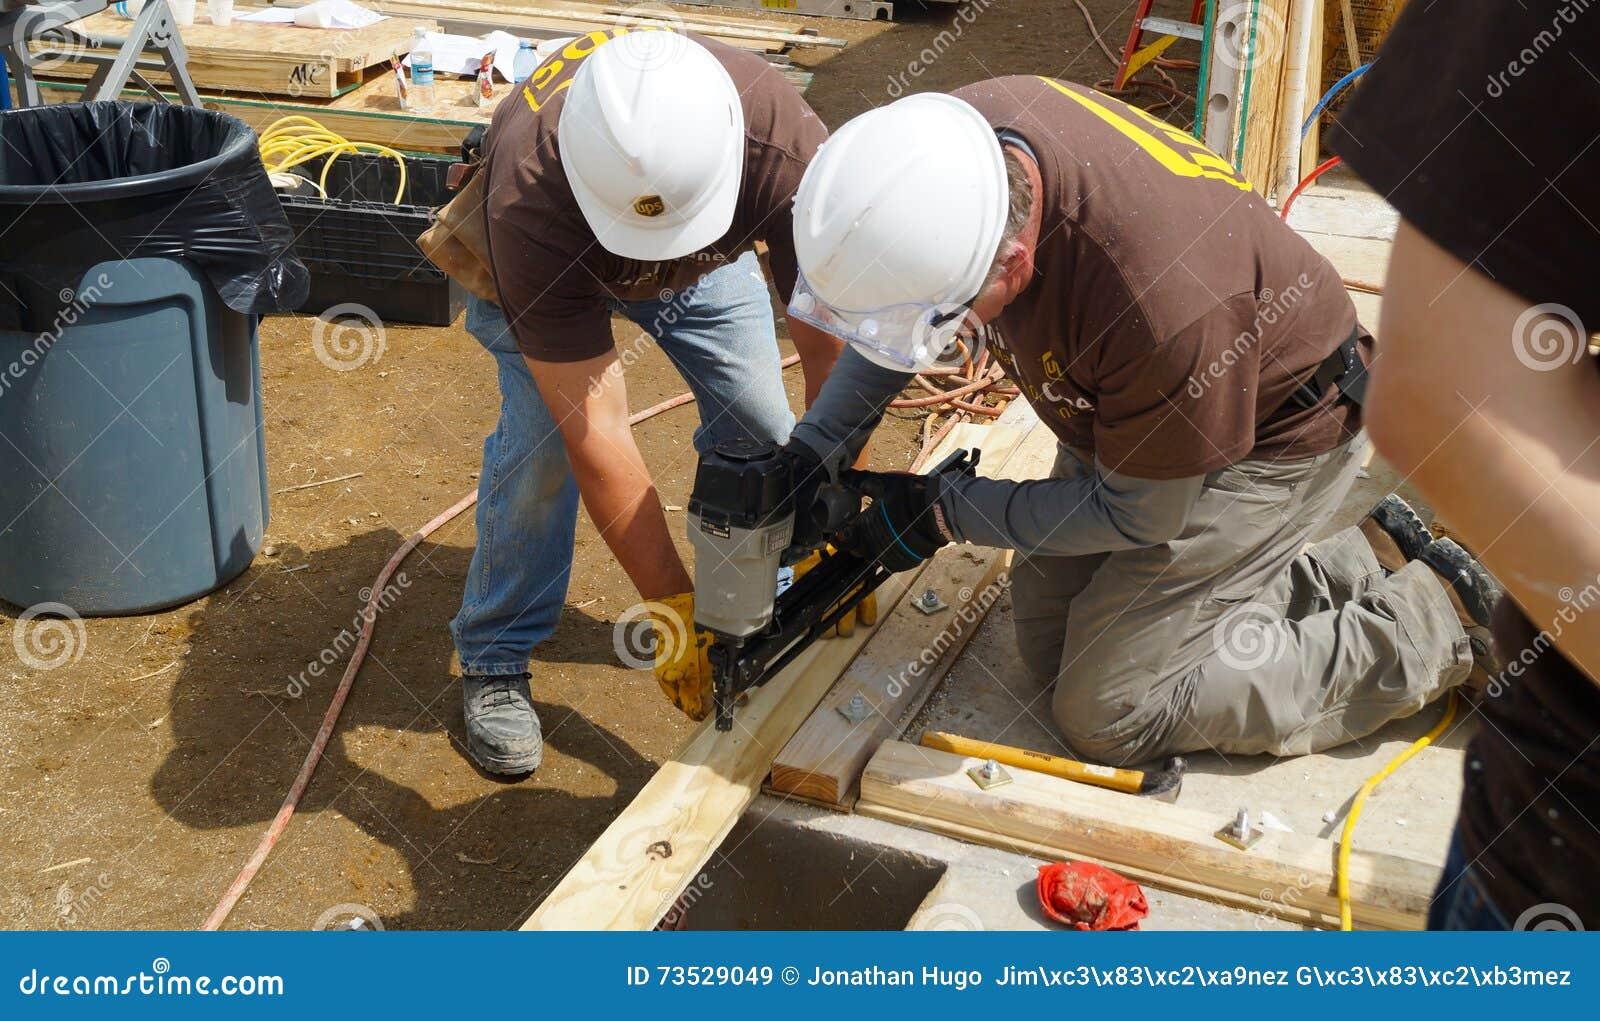 Two men nailing